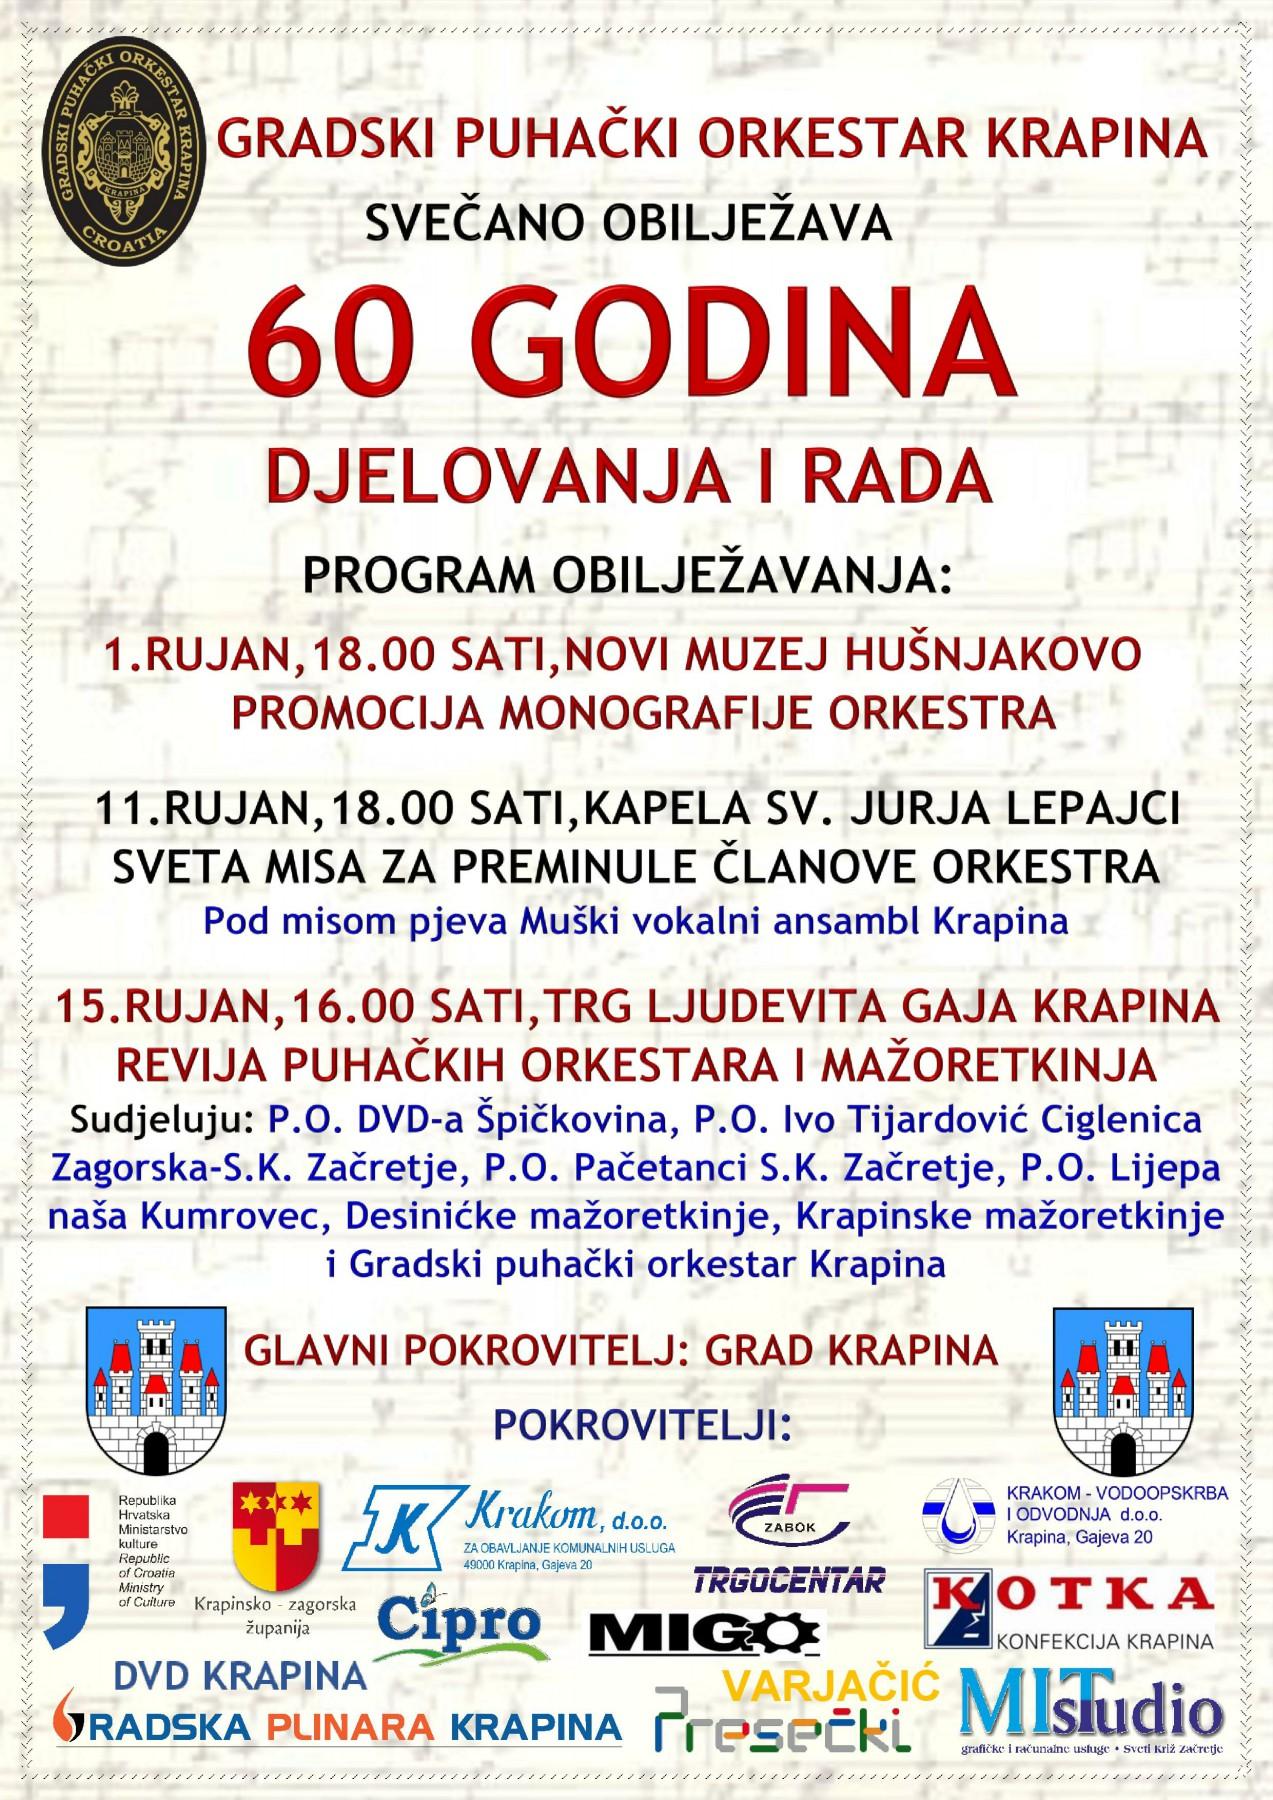 60 Godina Gradskog Puhackog Orkestra Krapina Gradski Puhacki